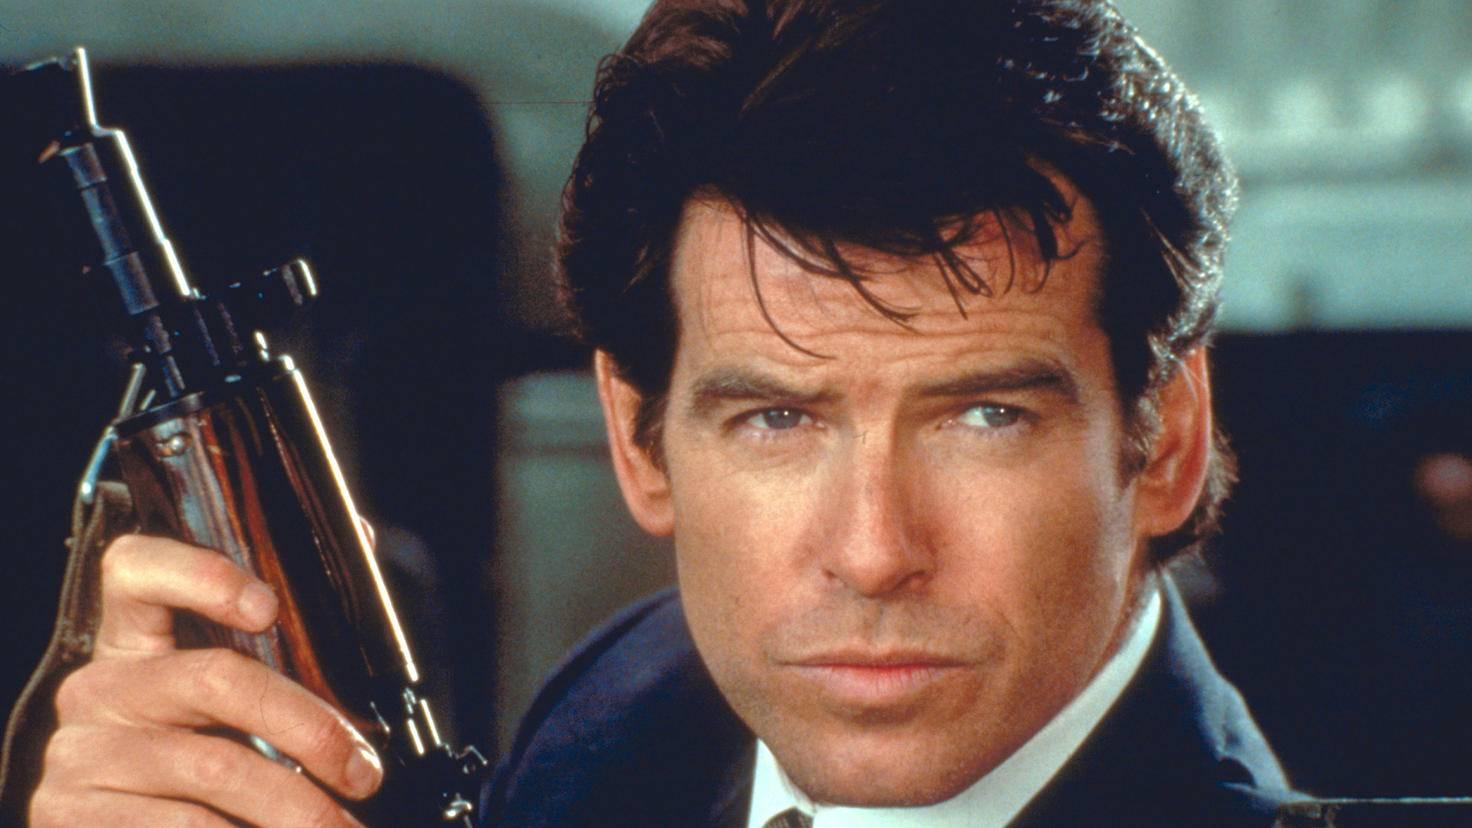 Nächster Kandidat für den Fiesling war Pierce Brosnan, damals als 007 auf den Kinoleinwänden zu sehen.